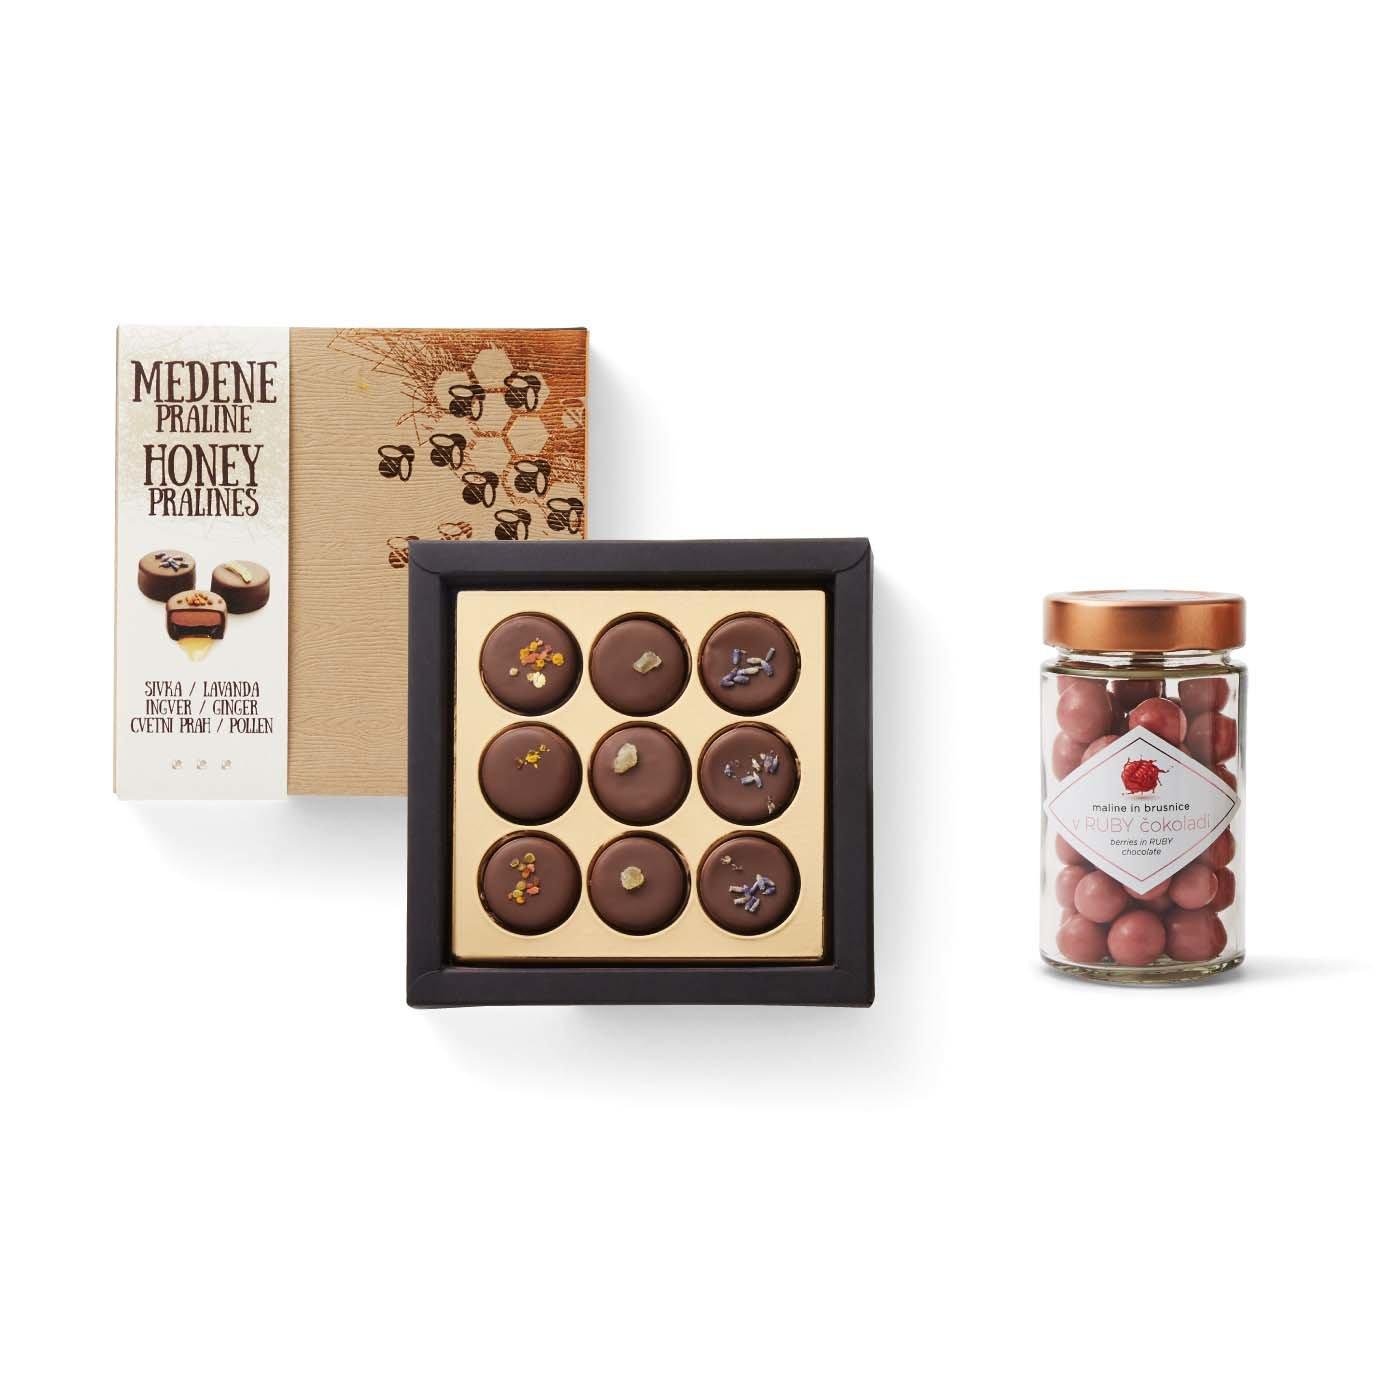 幸福のチョコレートメンバーサロン シルバーメンバーコース (6ヵ月予約便)